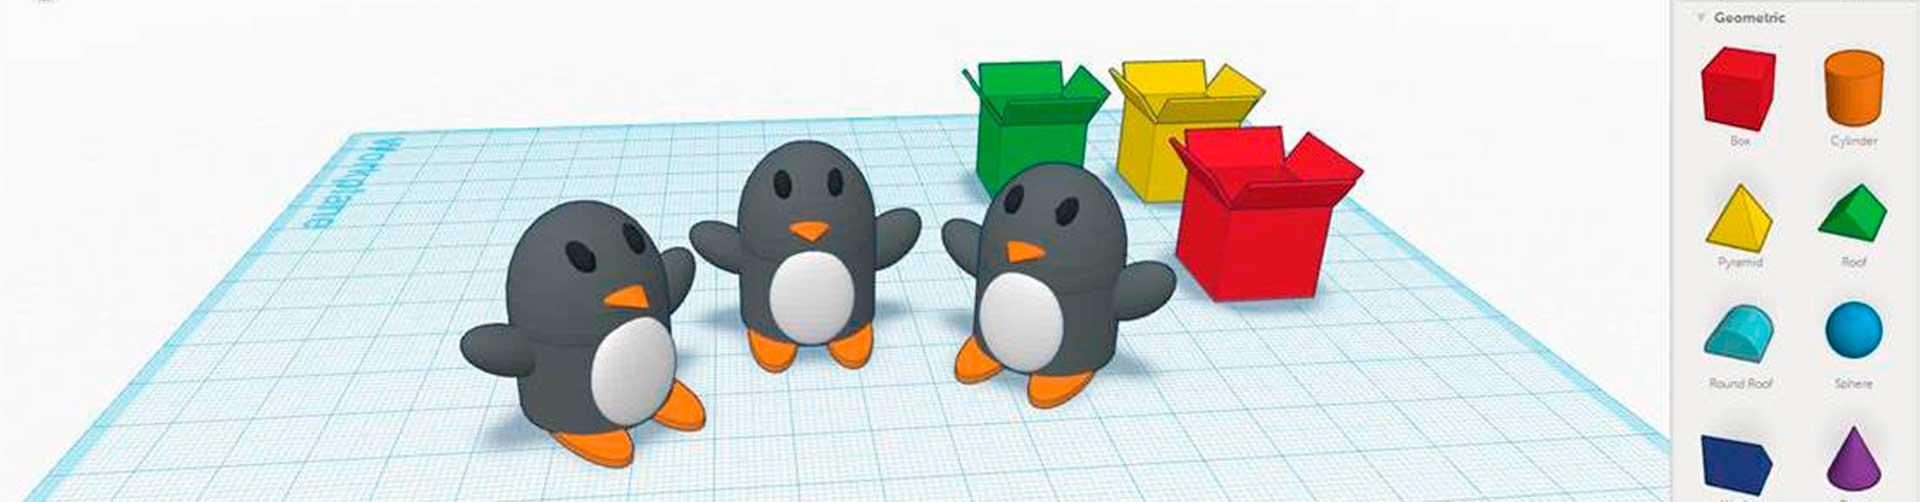 Programas de dise o 3d gratuitos i entresd blog for Programas para diseno 3d